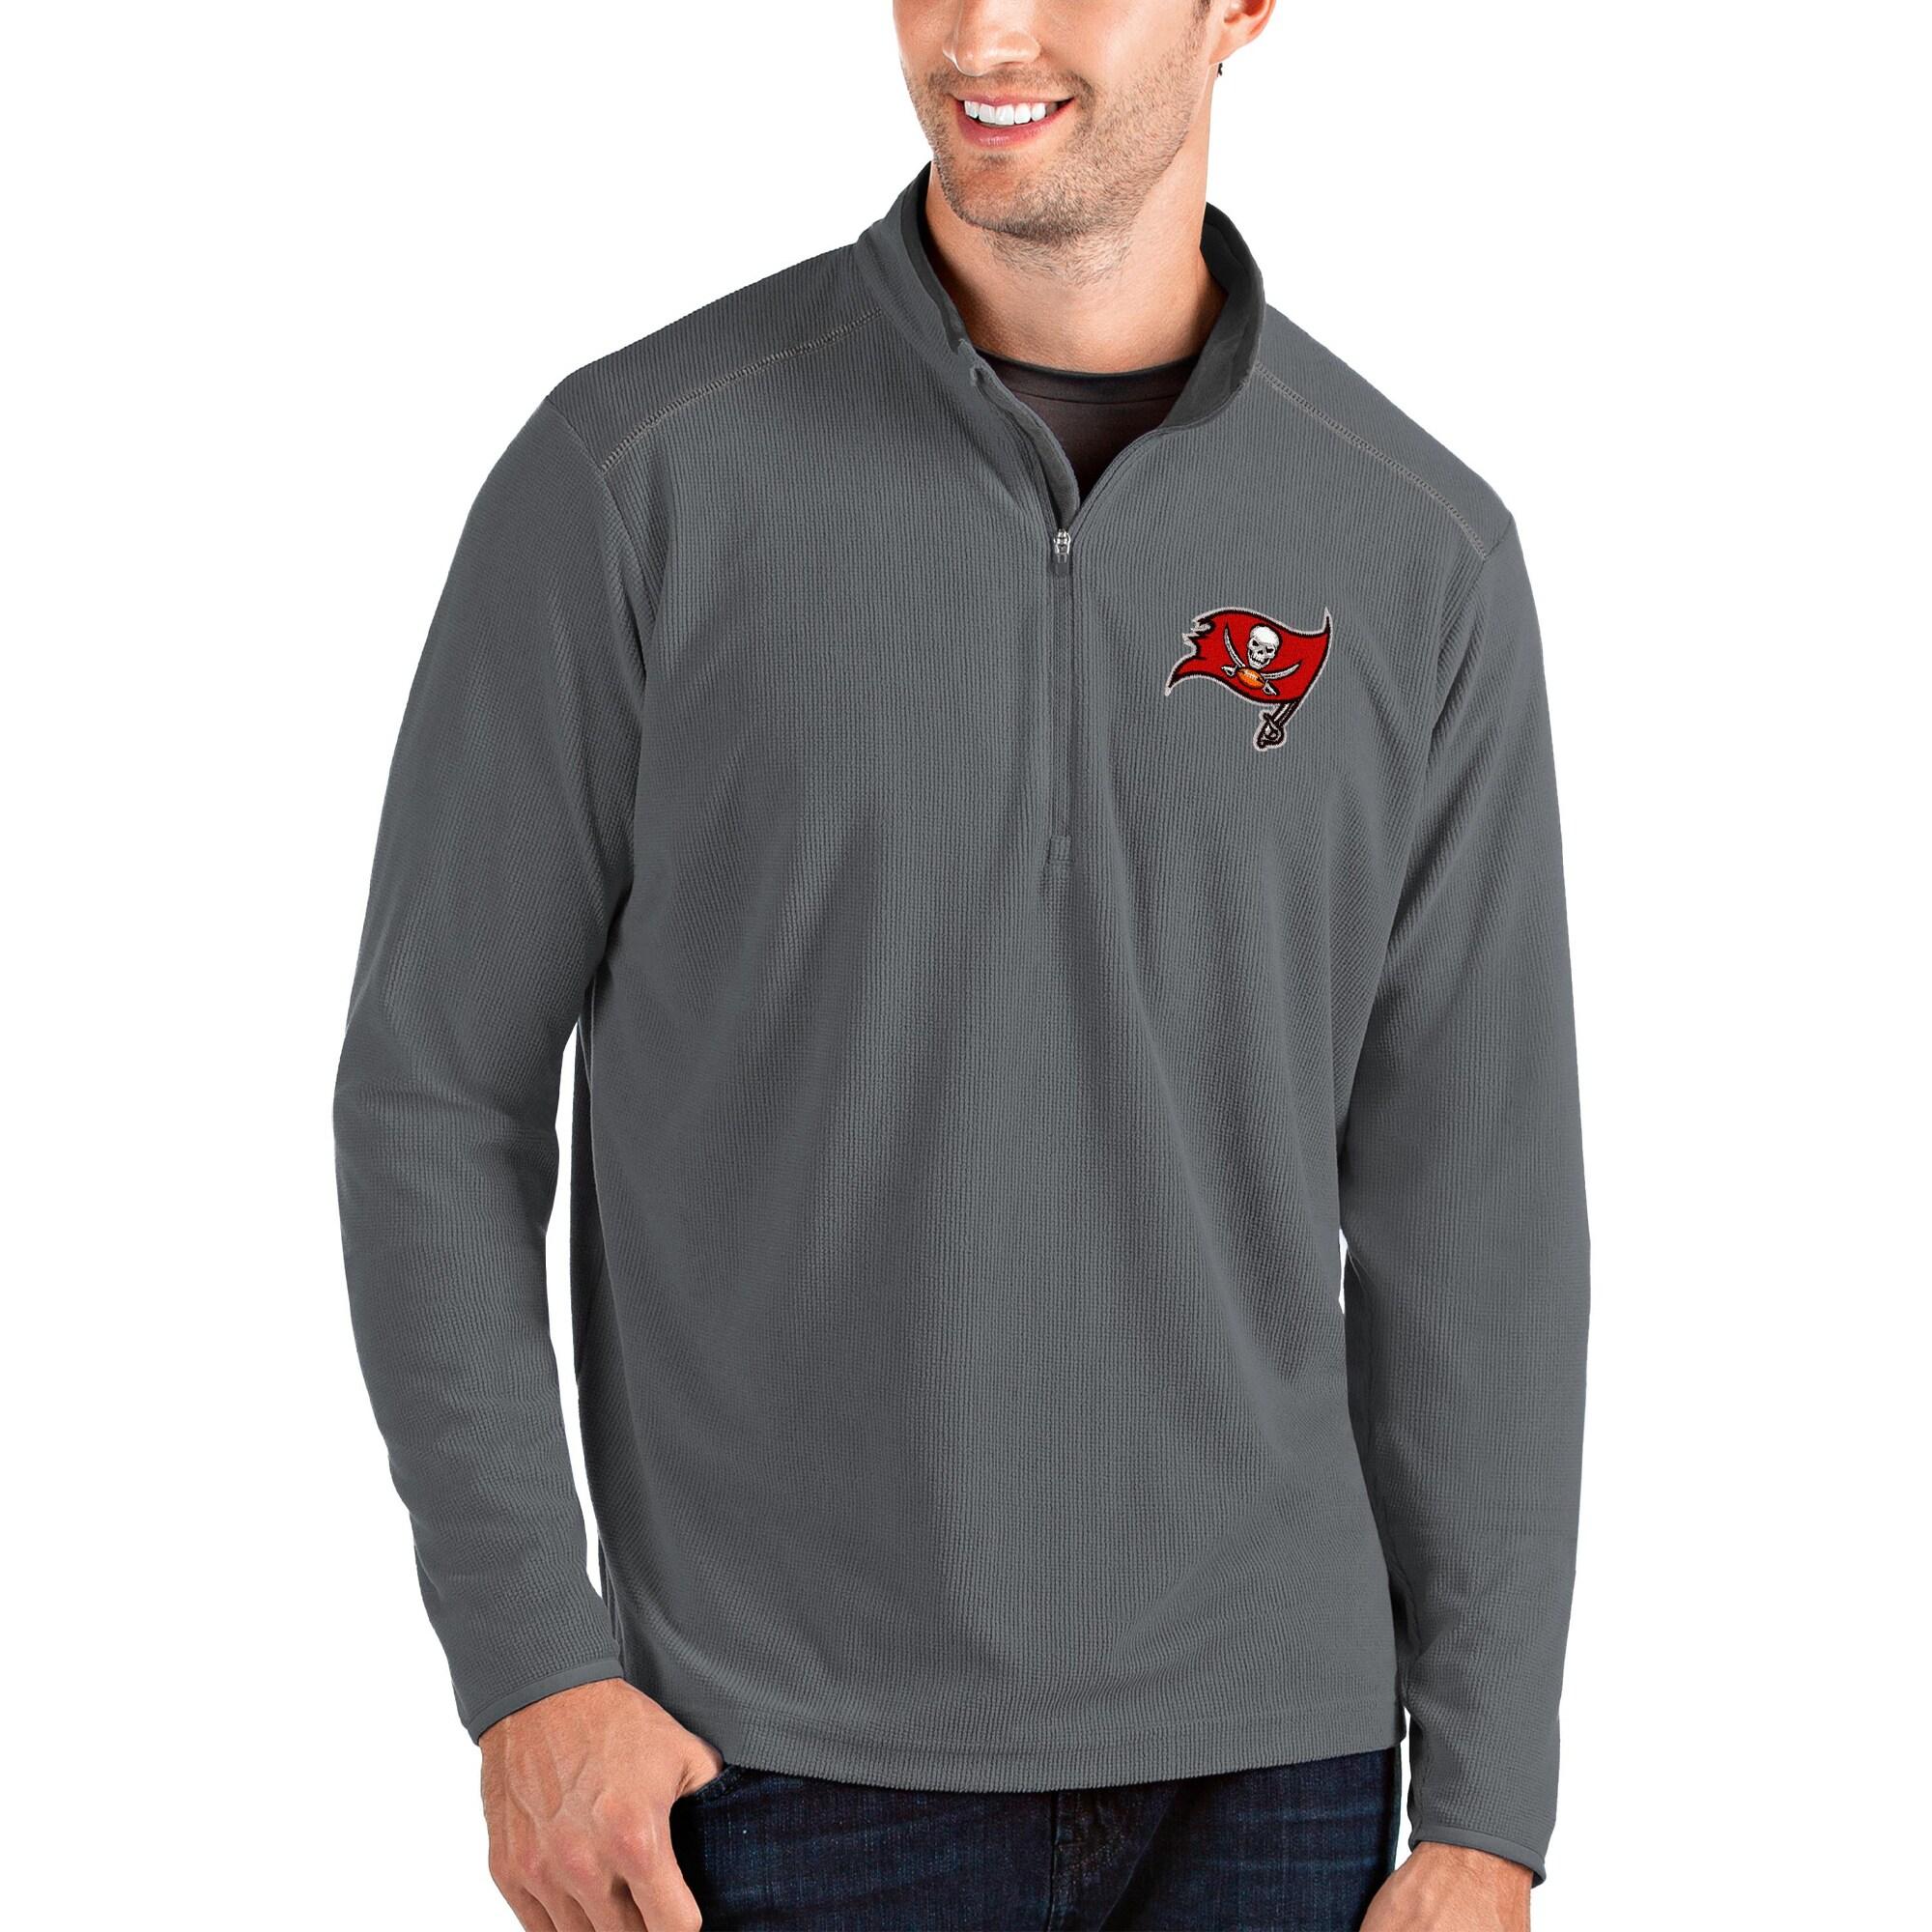 Tampa Bay Buccaneers Antigua Glacier Quarter-Zip Pullover Jacket - Gray/Gray